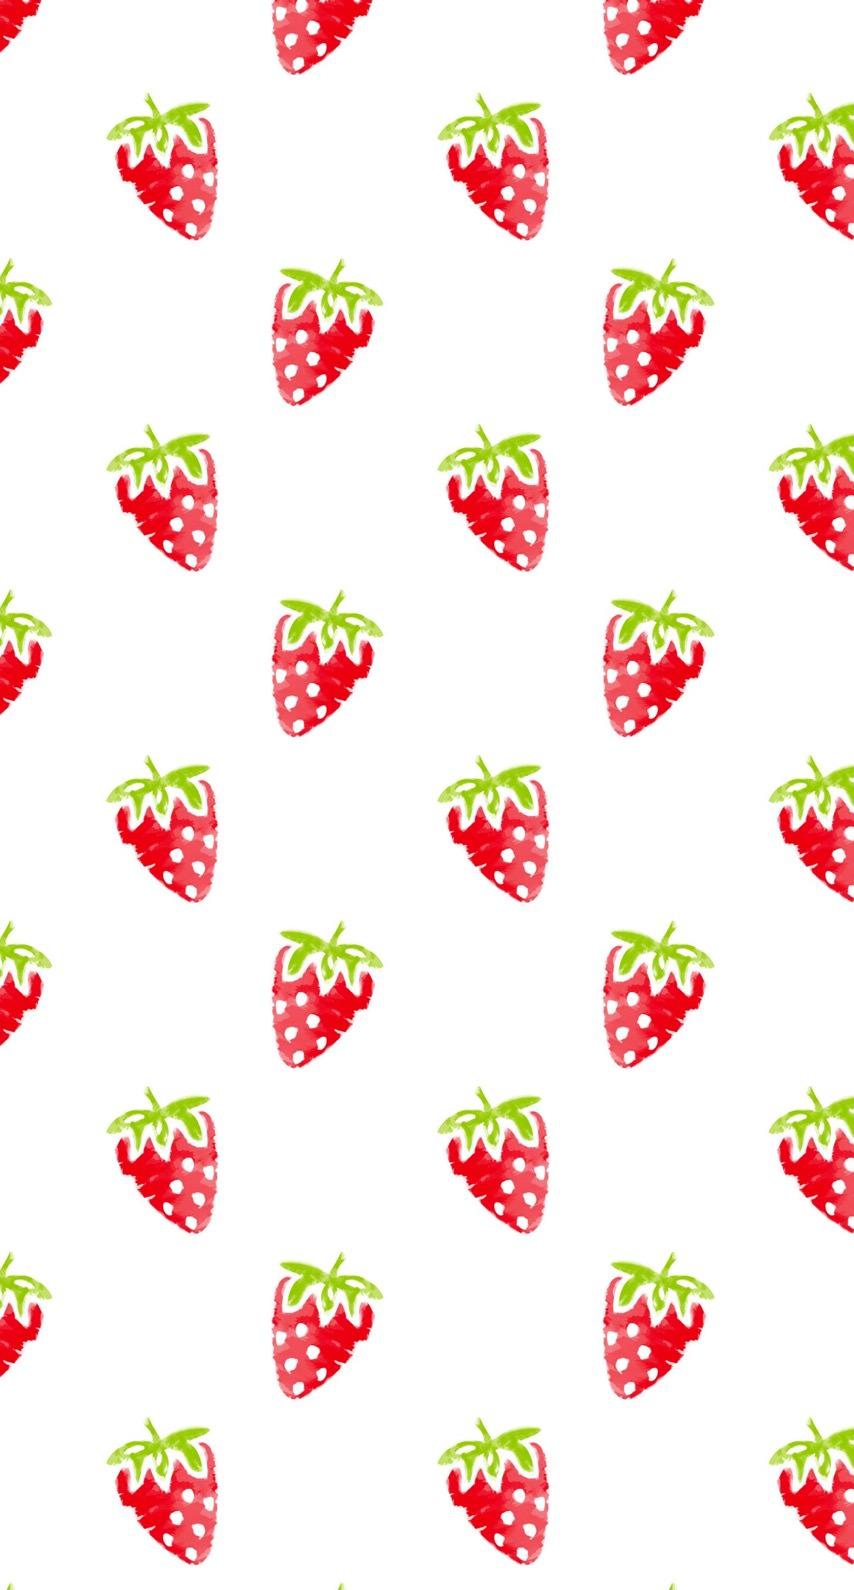 模様イラストフルーツイチゴ赤女子向け Wallpaper Sc Iphone8壁紙